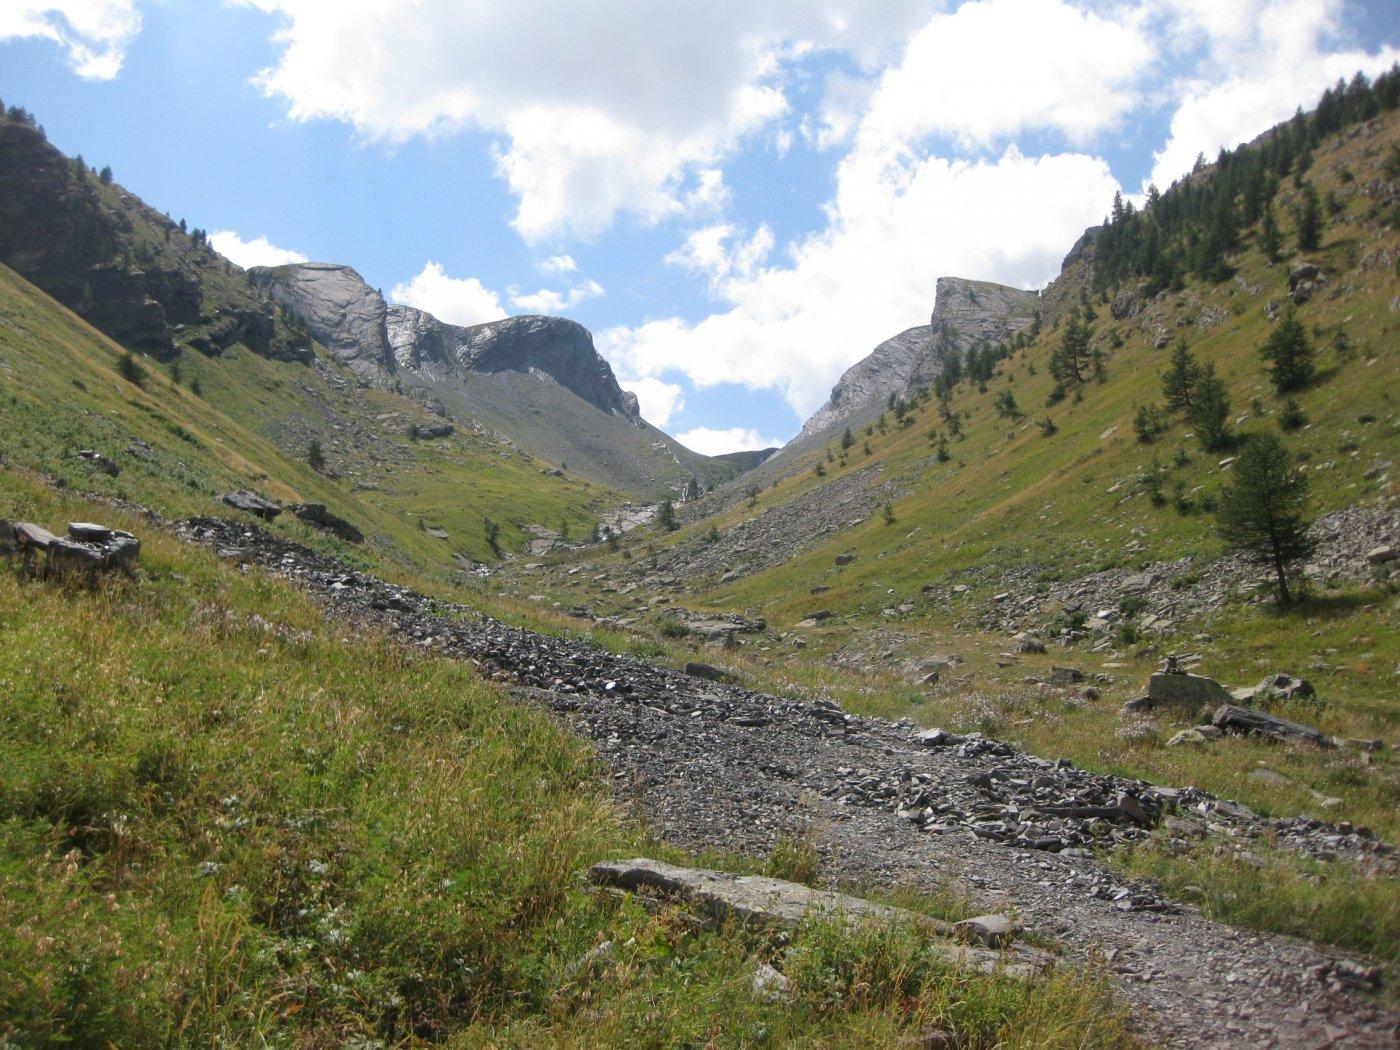 Enchastraye (Monte) e Rocca Tre Vescovi da Argentera per il vallone del Puriac 2015-08-22